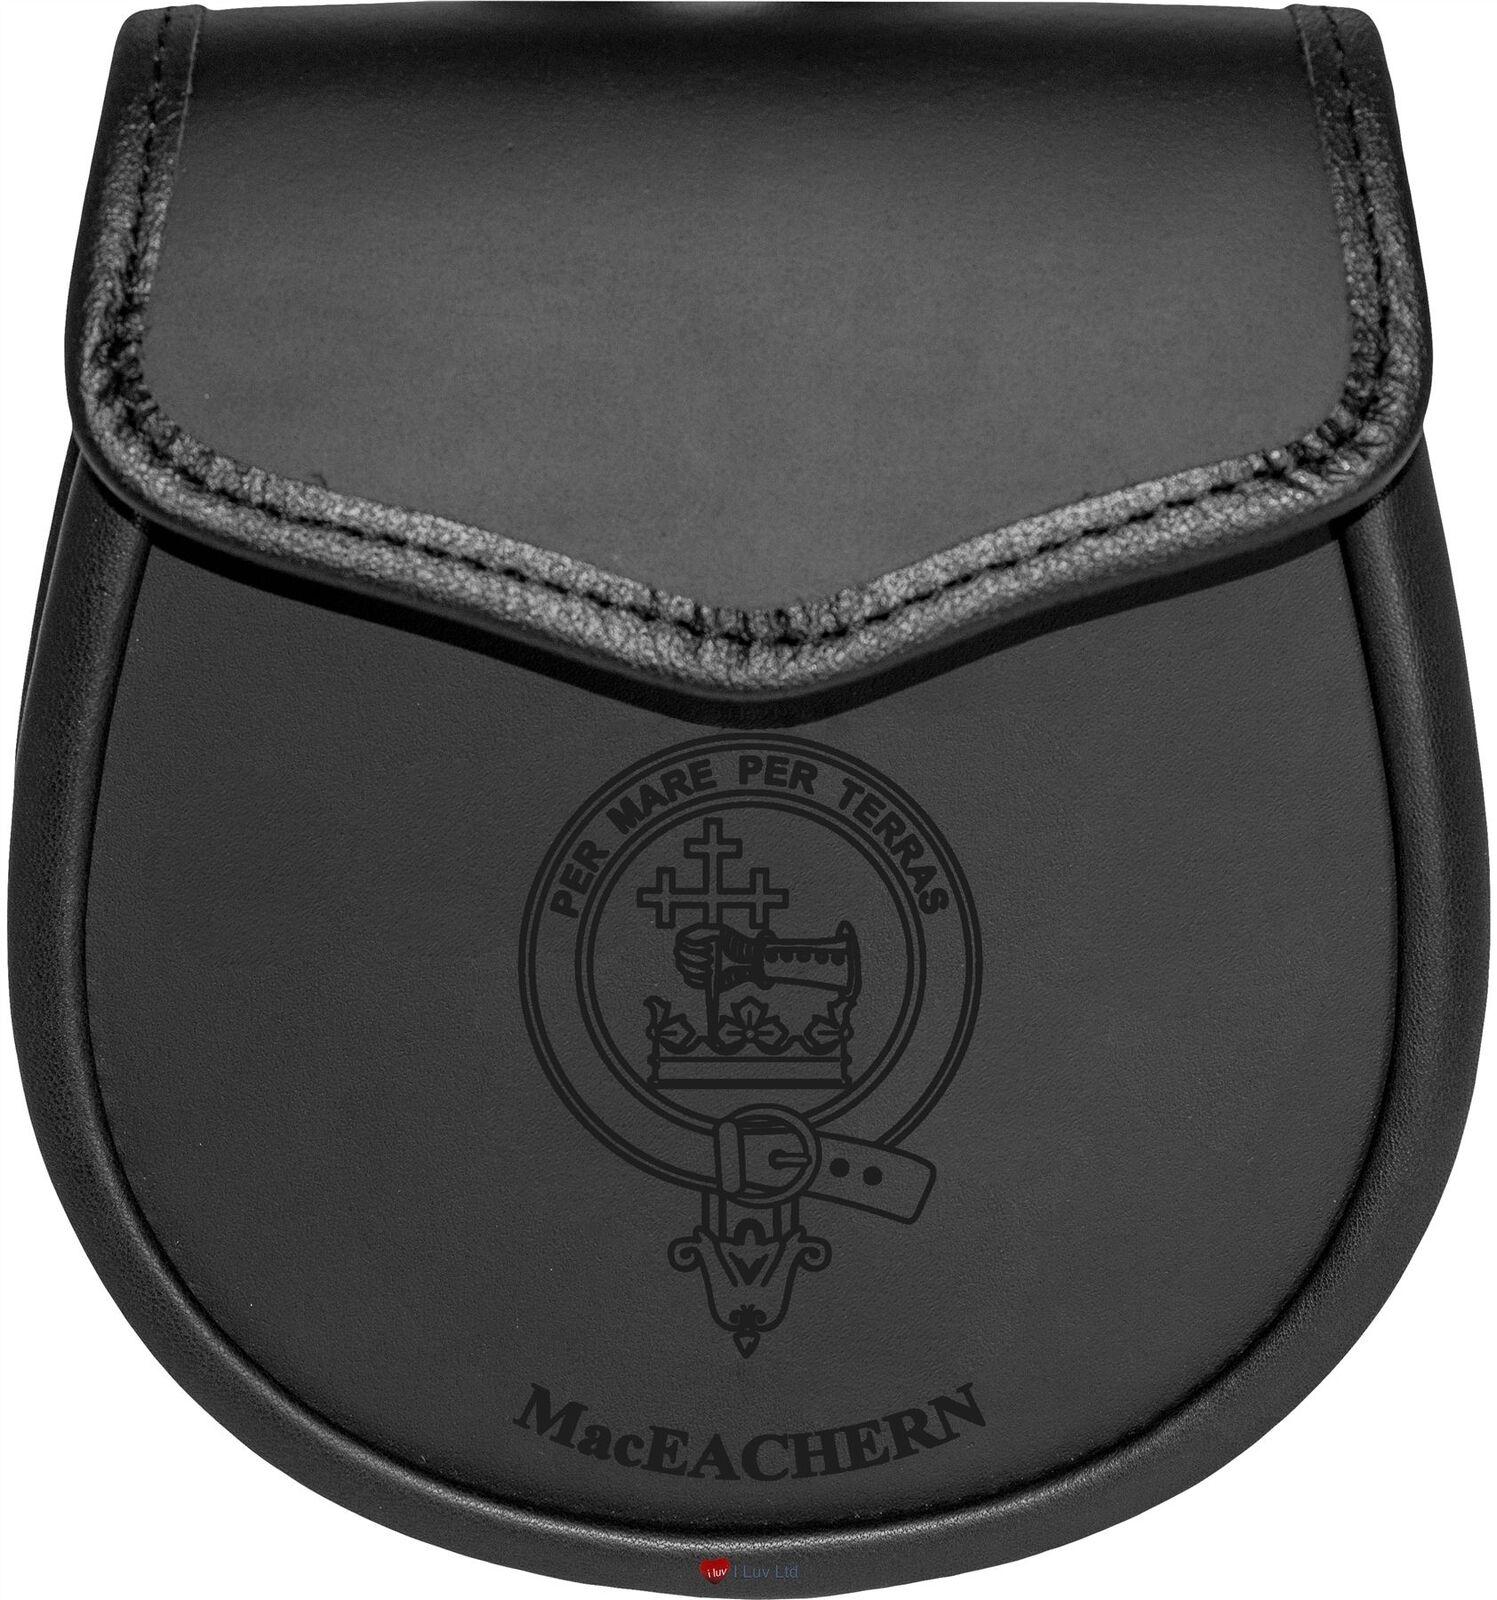 MacEachern Leather Day Sporran Scottish Clan Crest